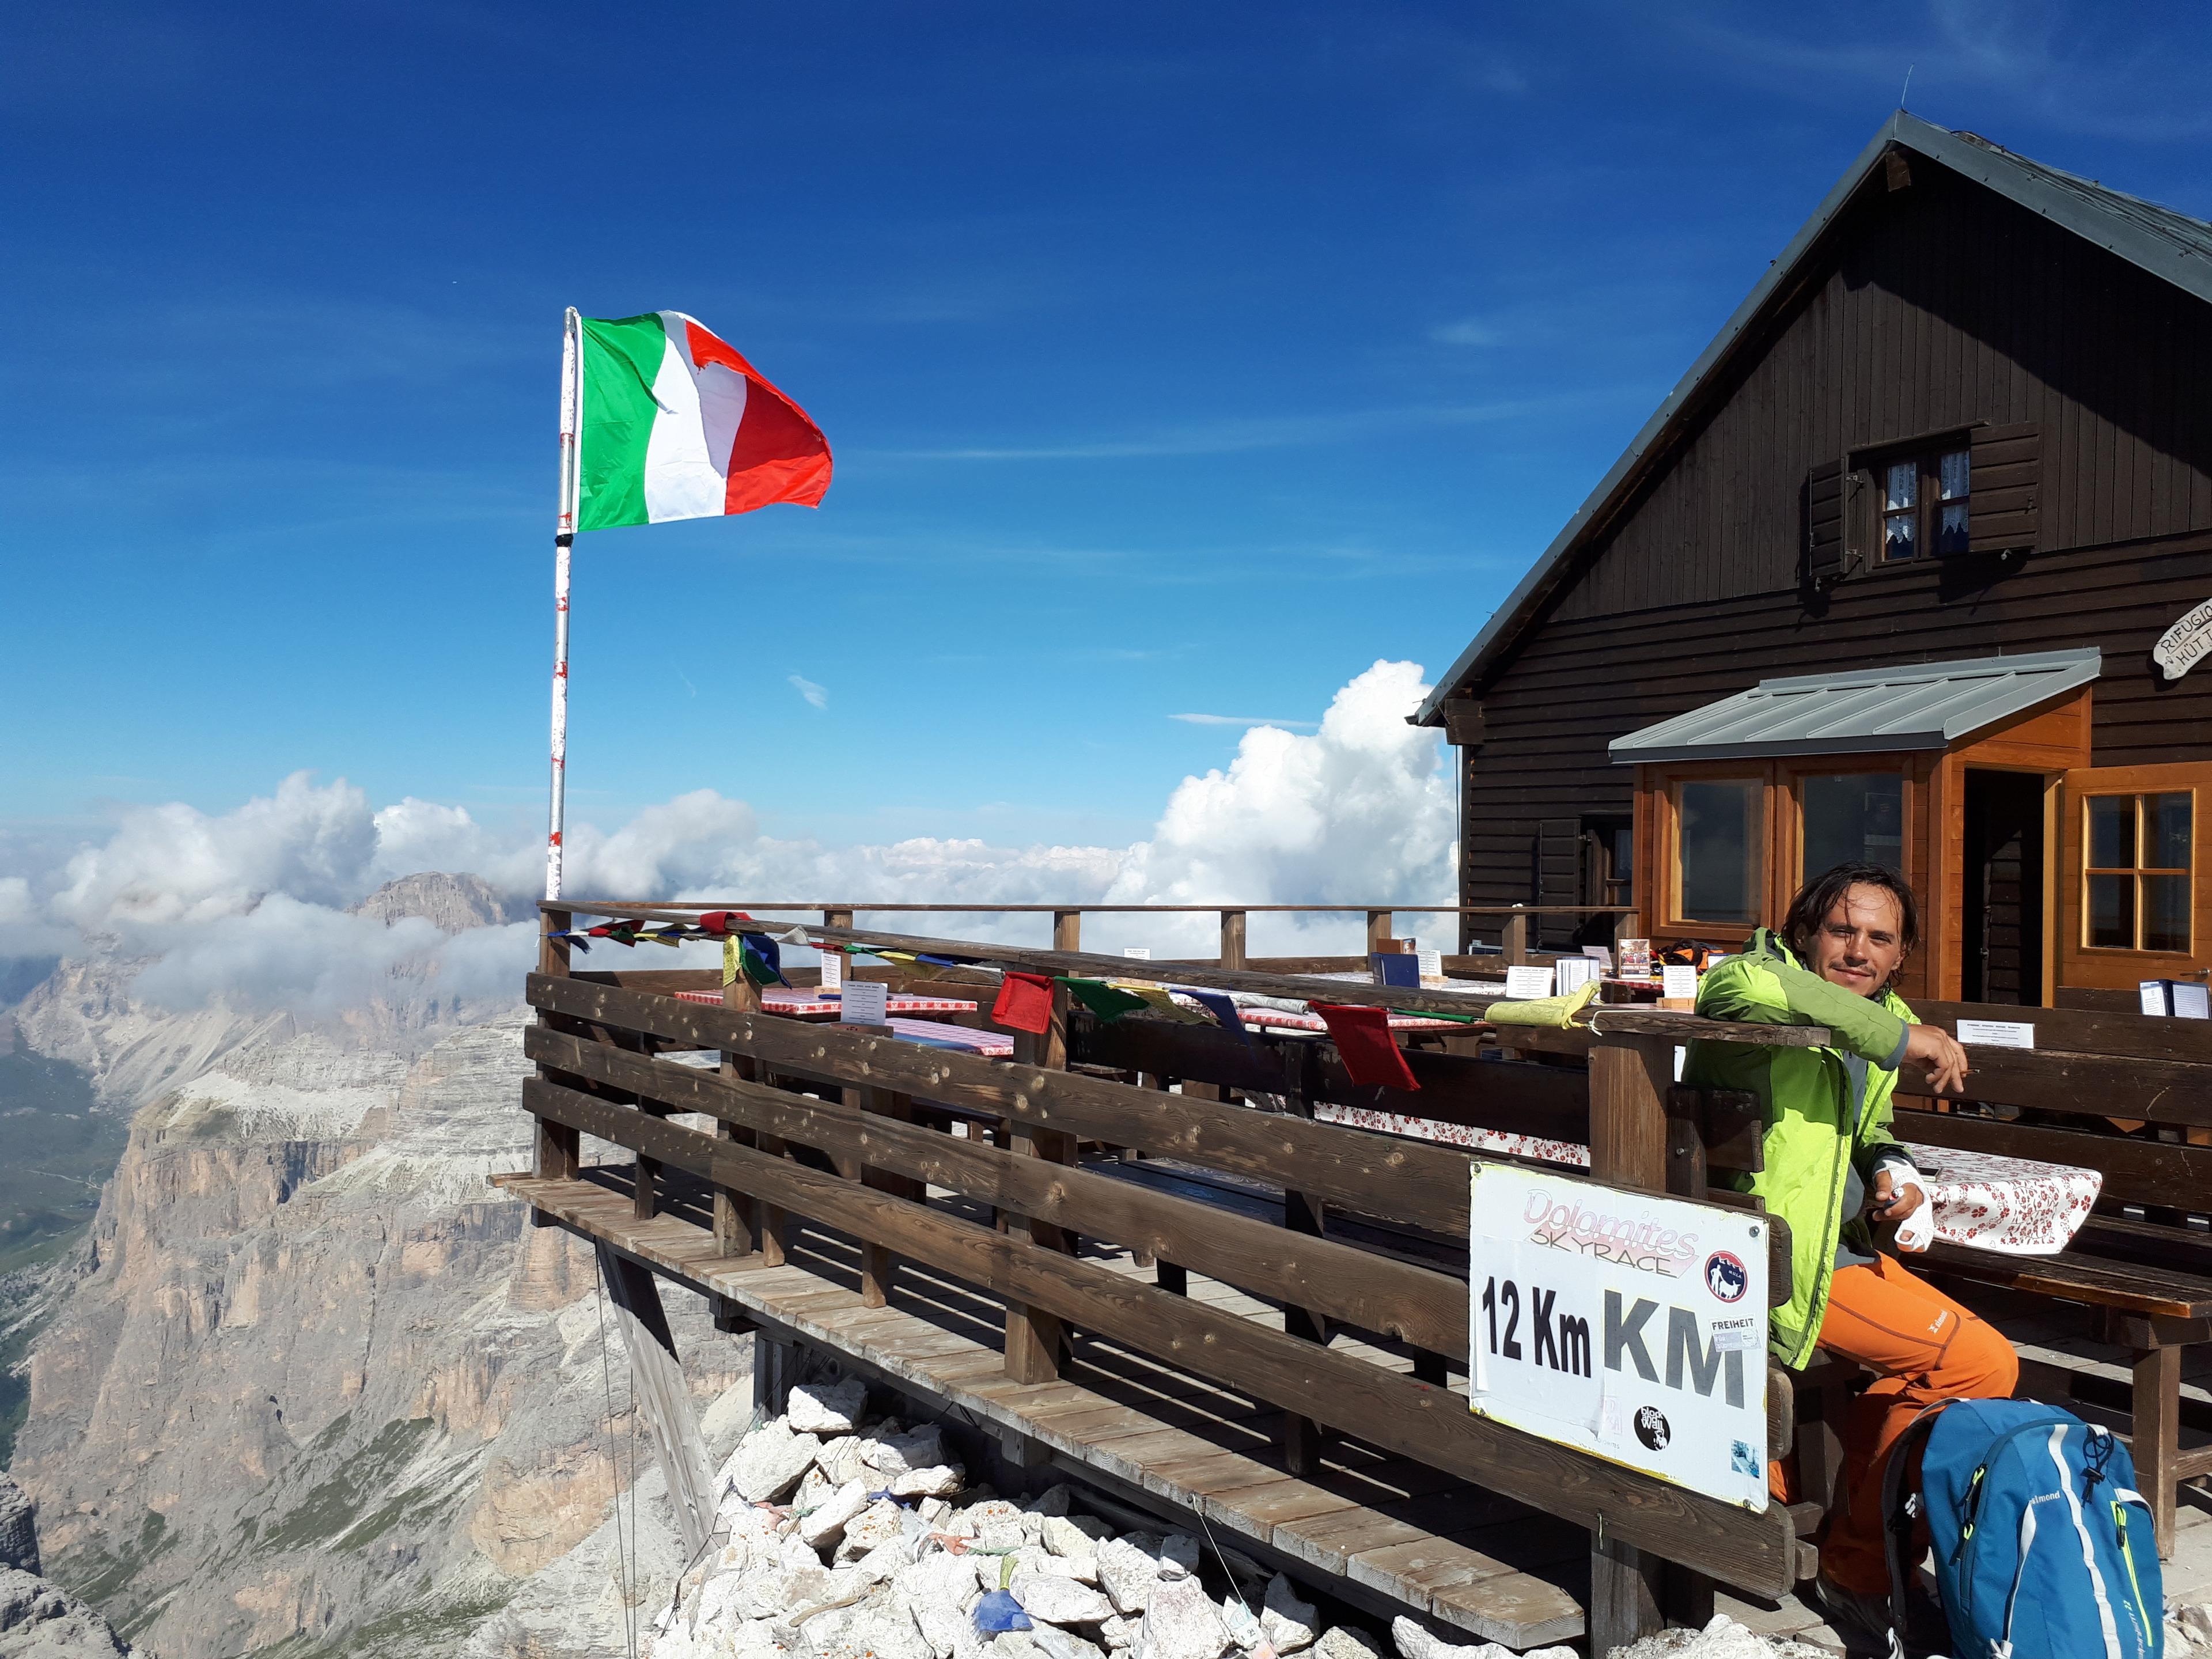 ci godiamo una lunga pausa qui alla Capanna Fassa: la maggior parte degli escursionisti deve ancora arrivare e il panorama è super